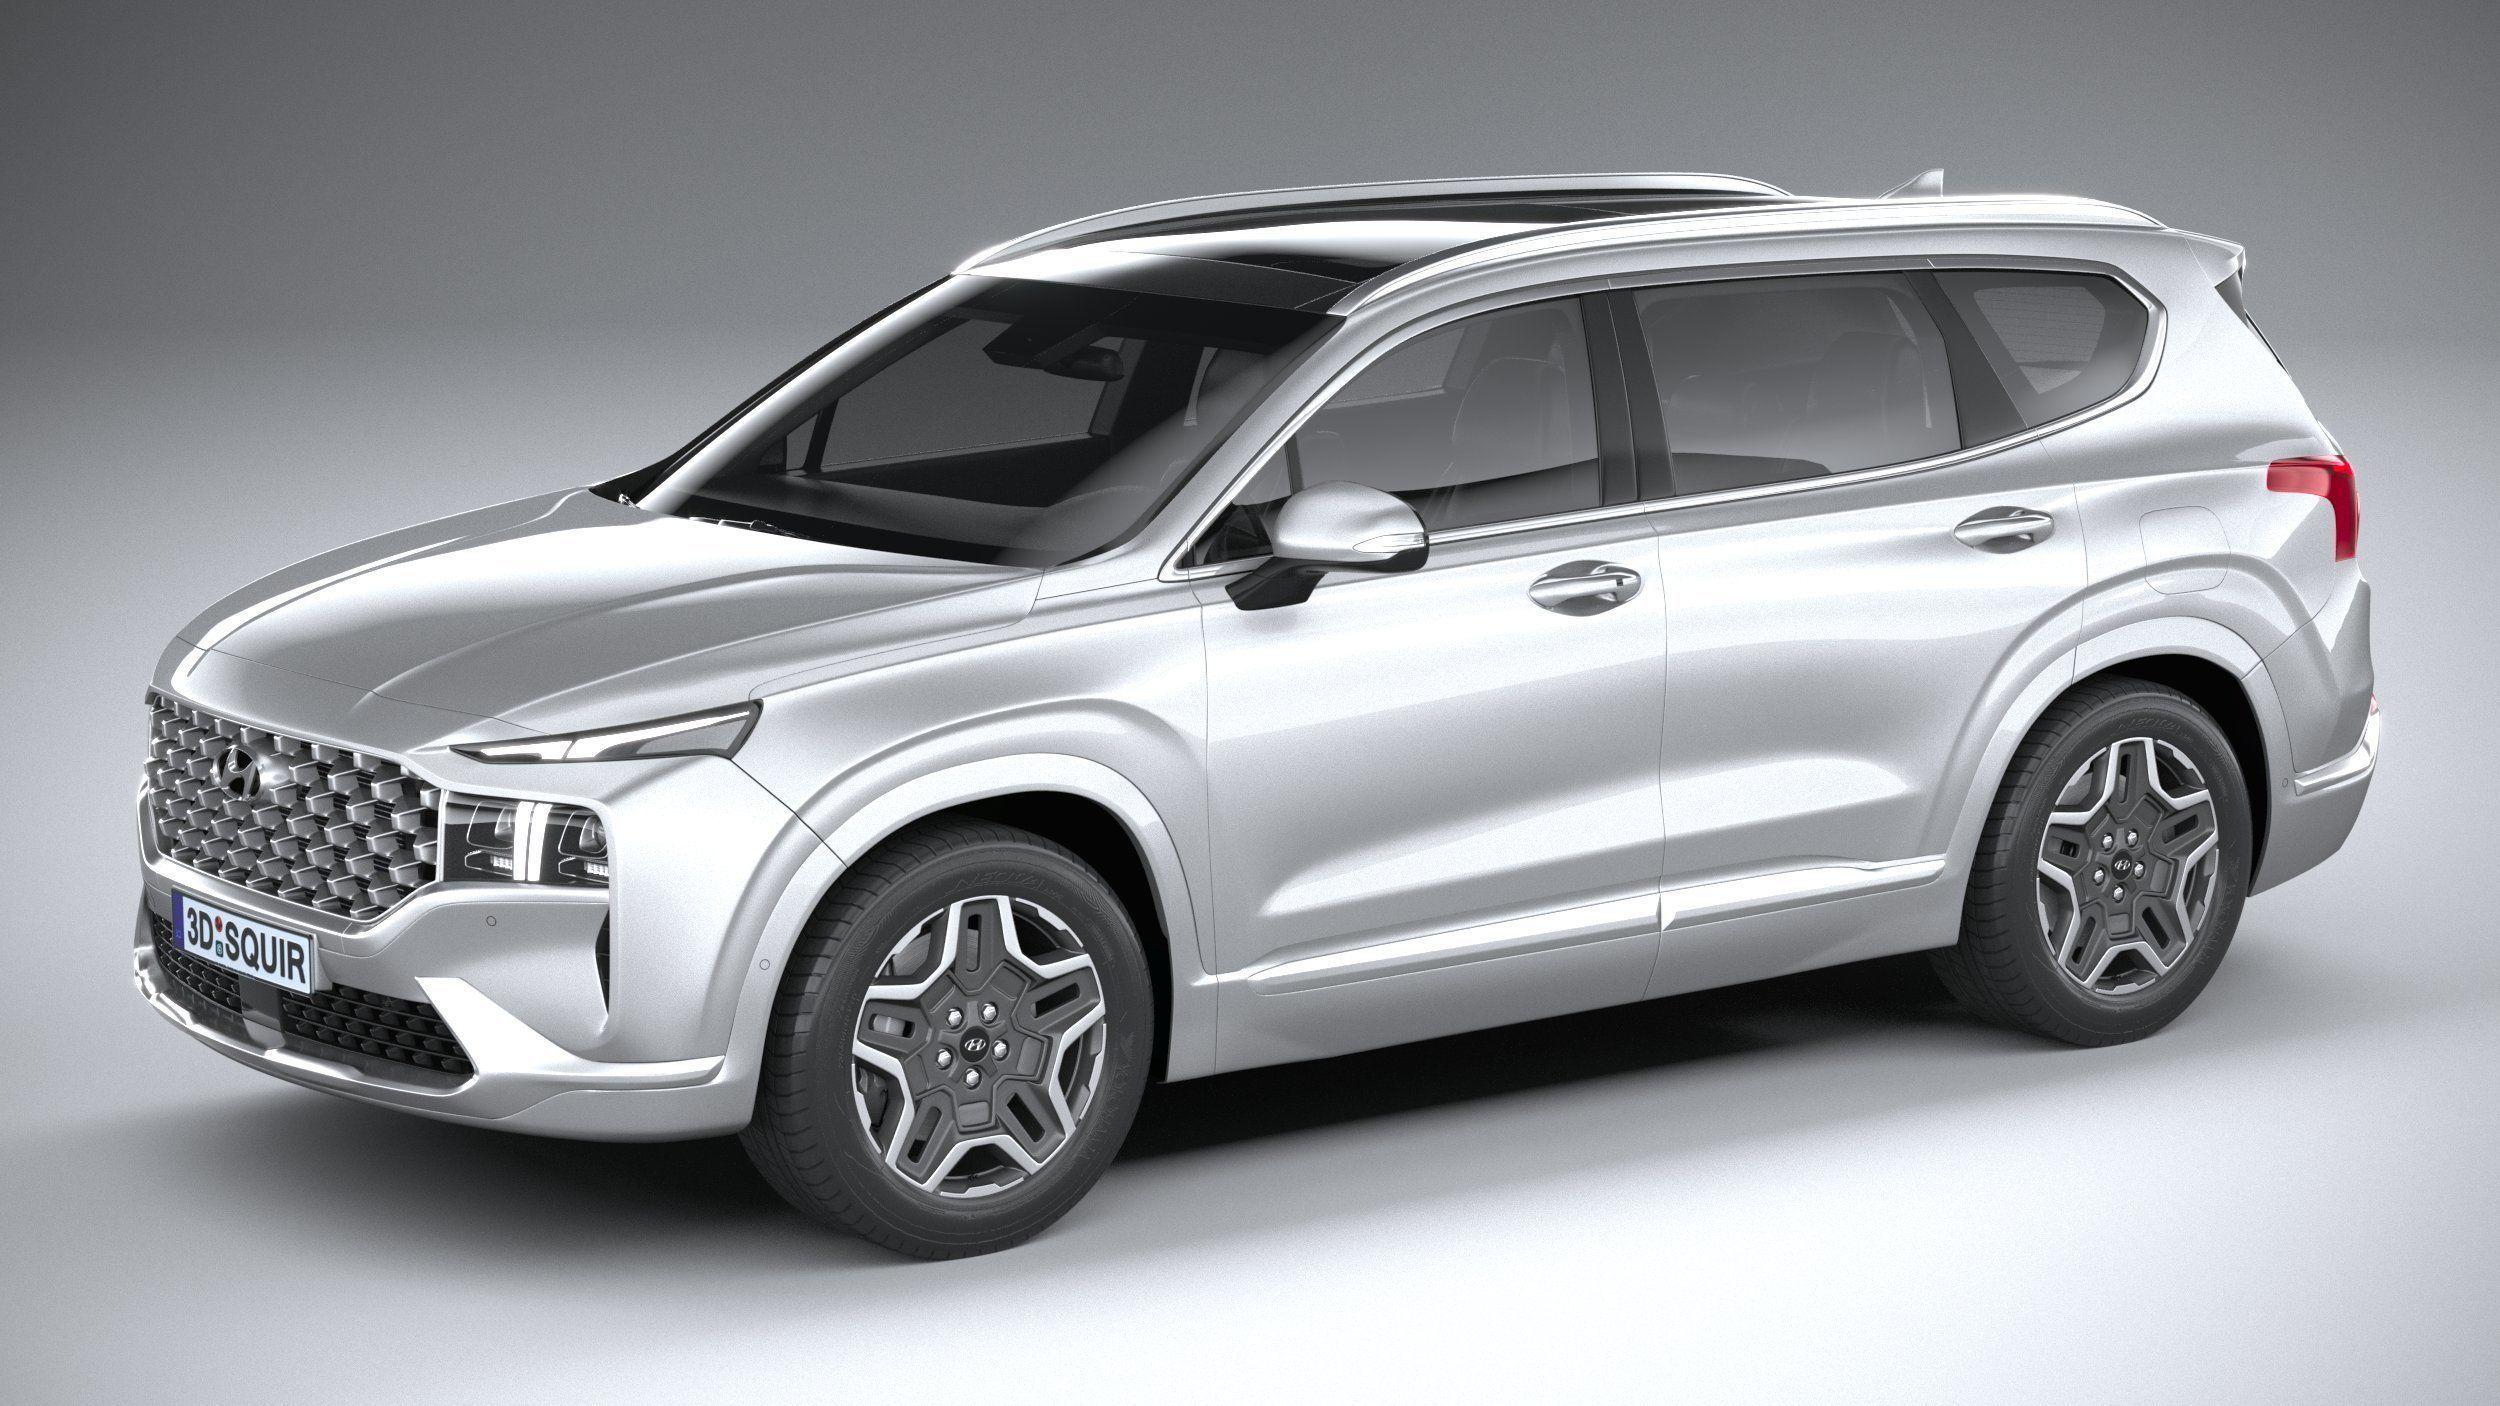 Hyundai SantaFe 2021 3D model | CGTrader